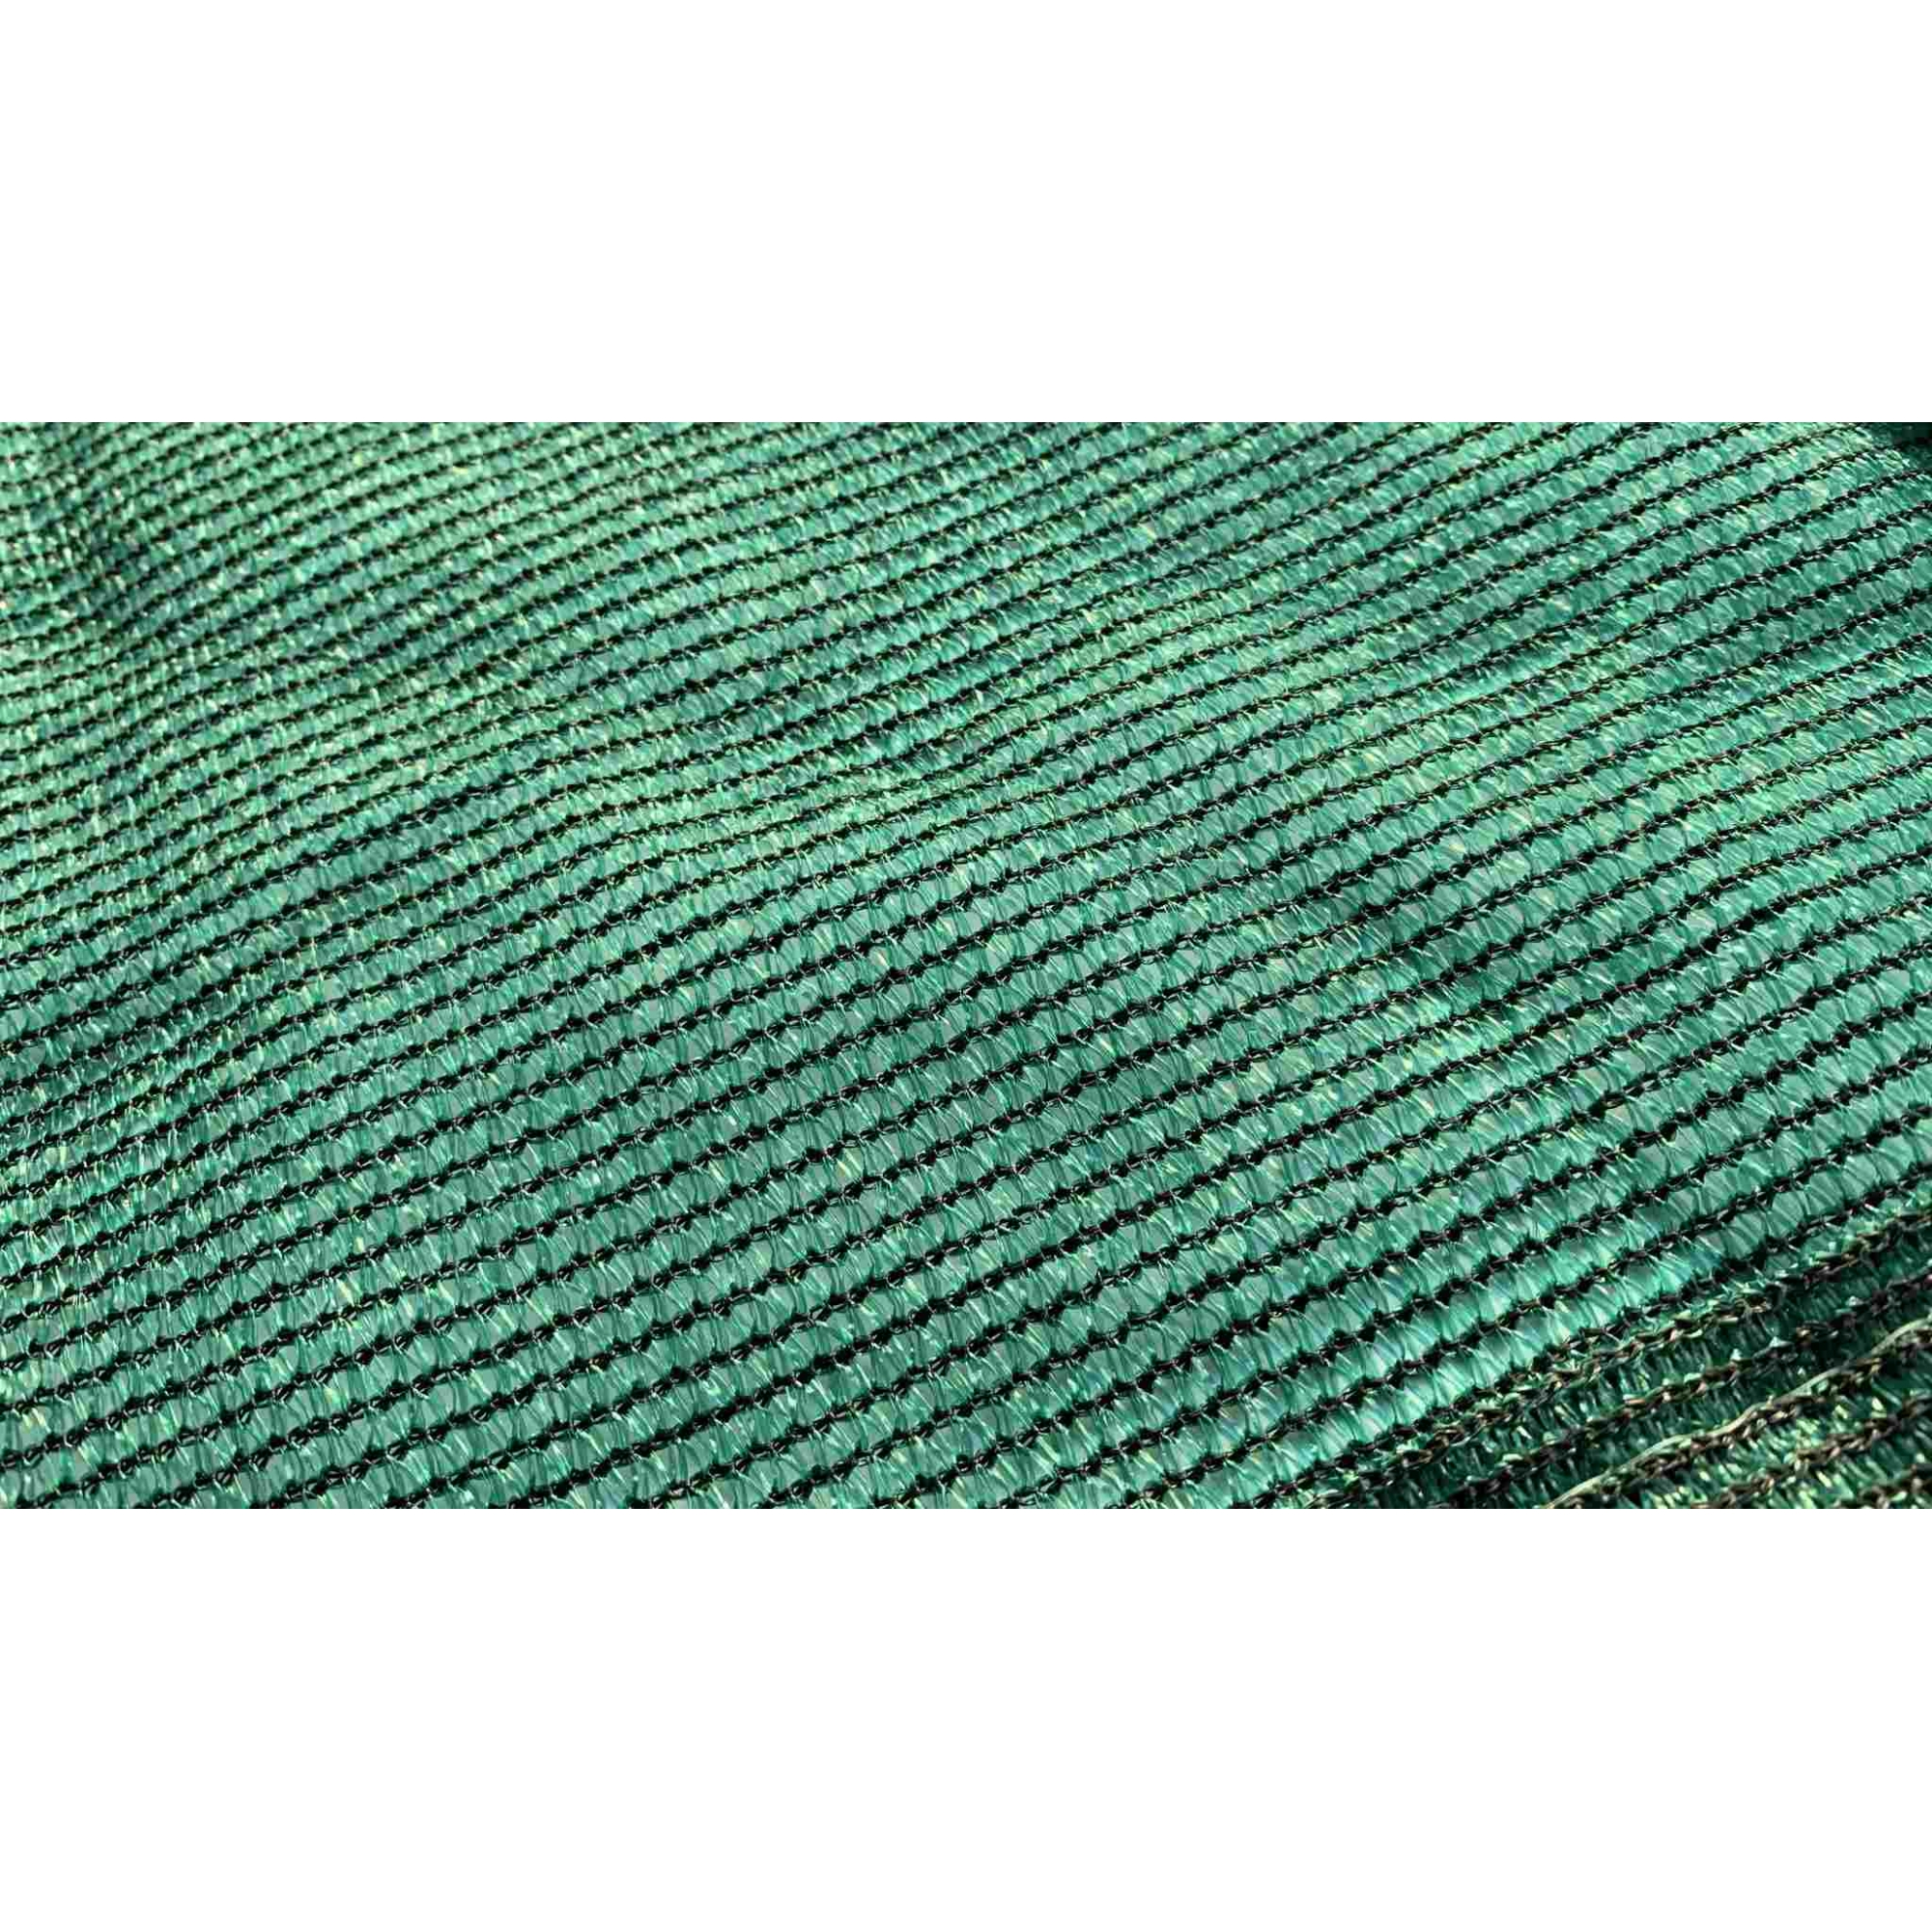 Tela de Sombreamento 80% Verde com Bainha e Ilhós - Largura: 3,5 Metros